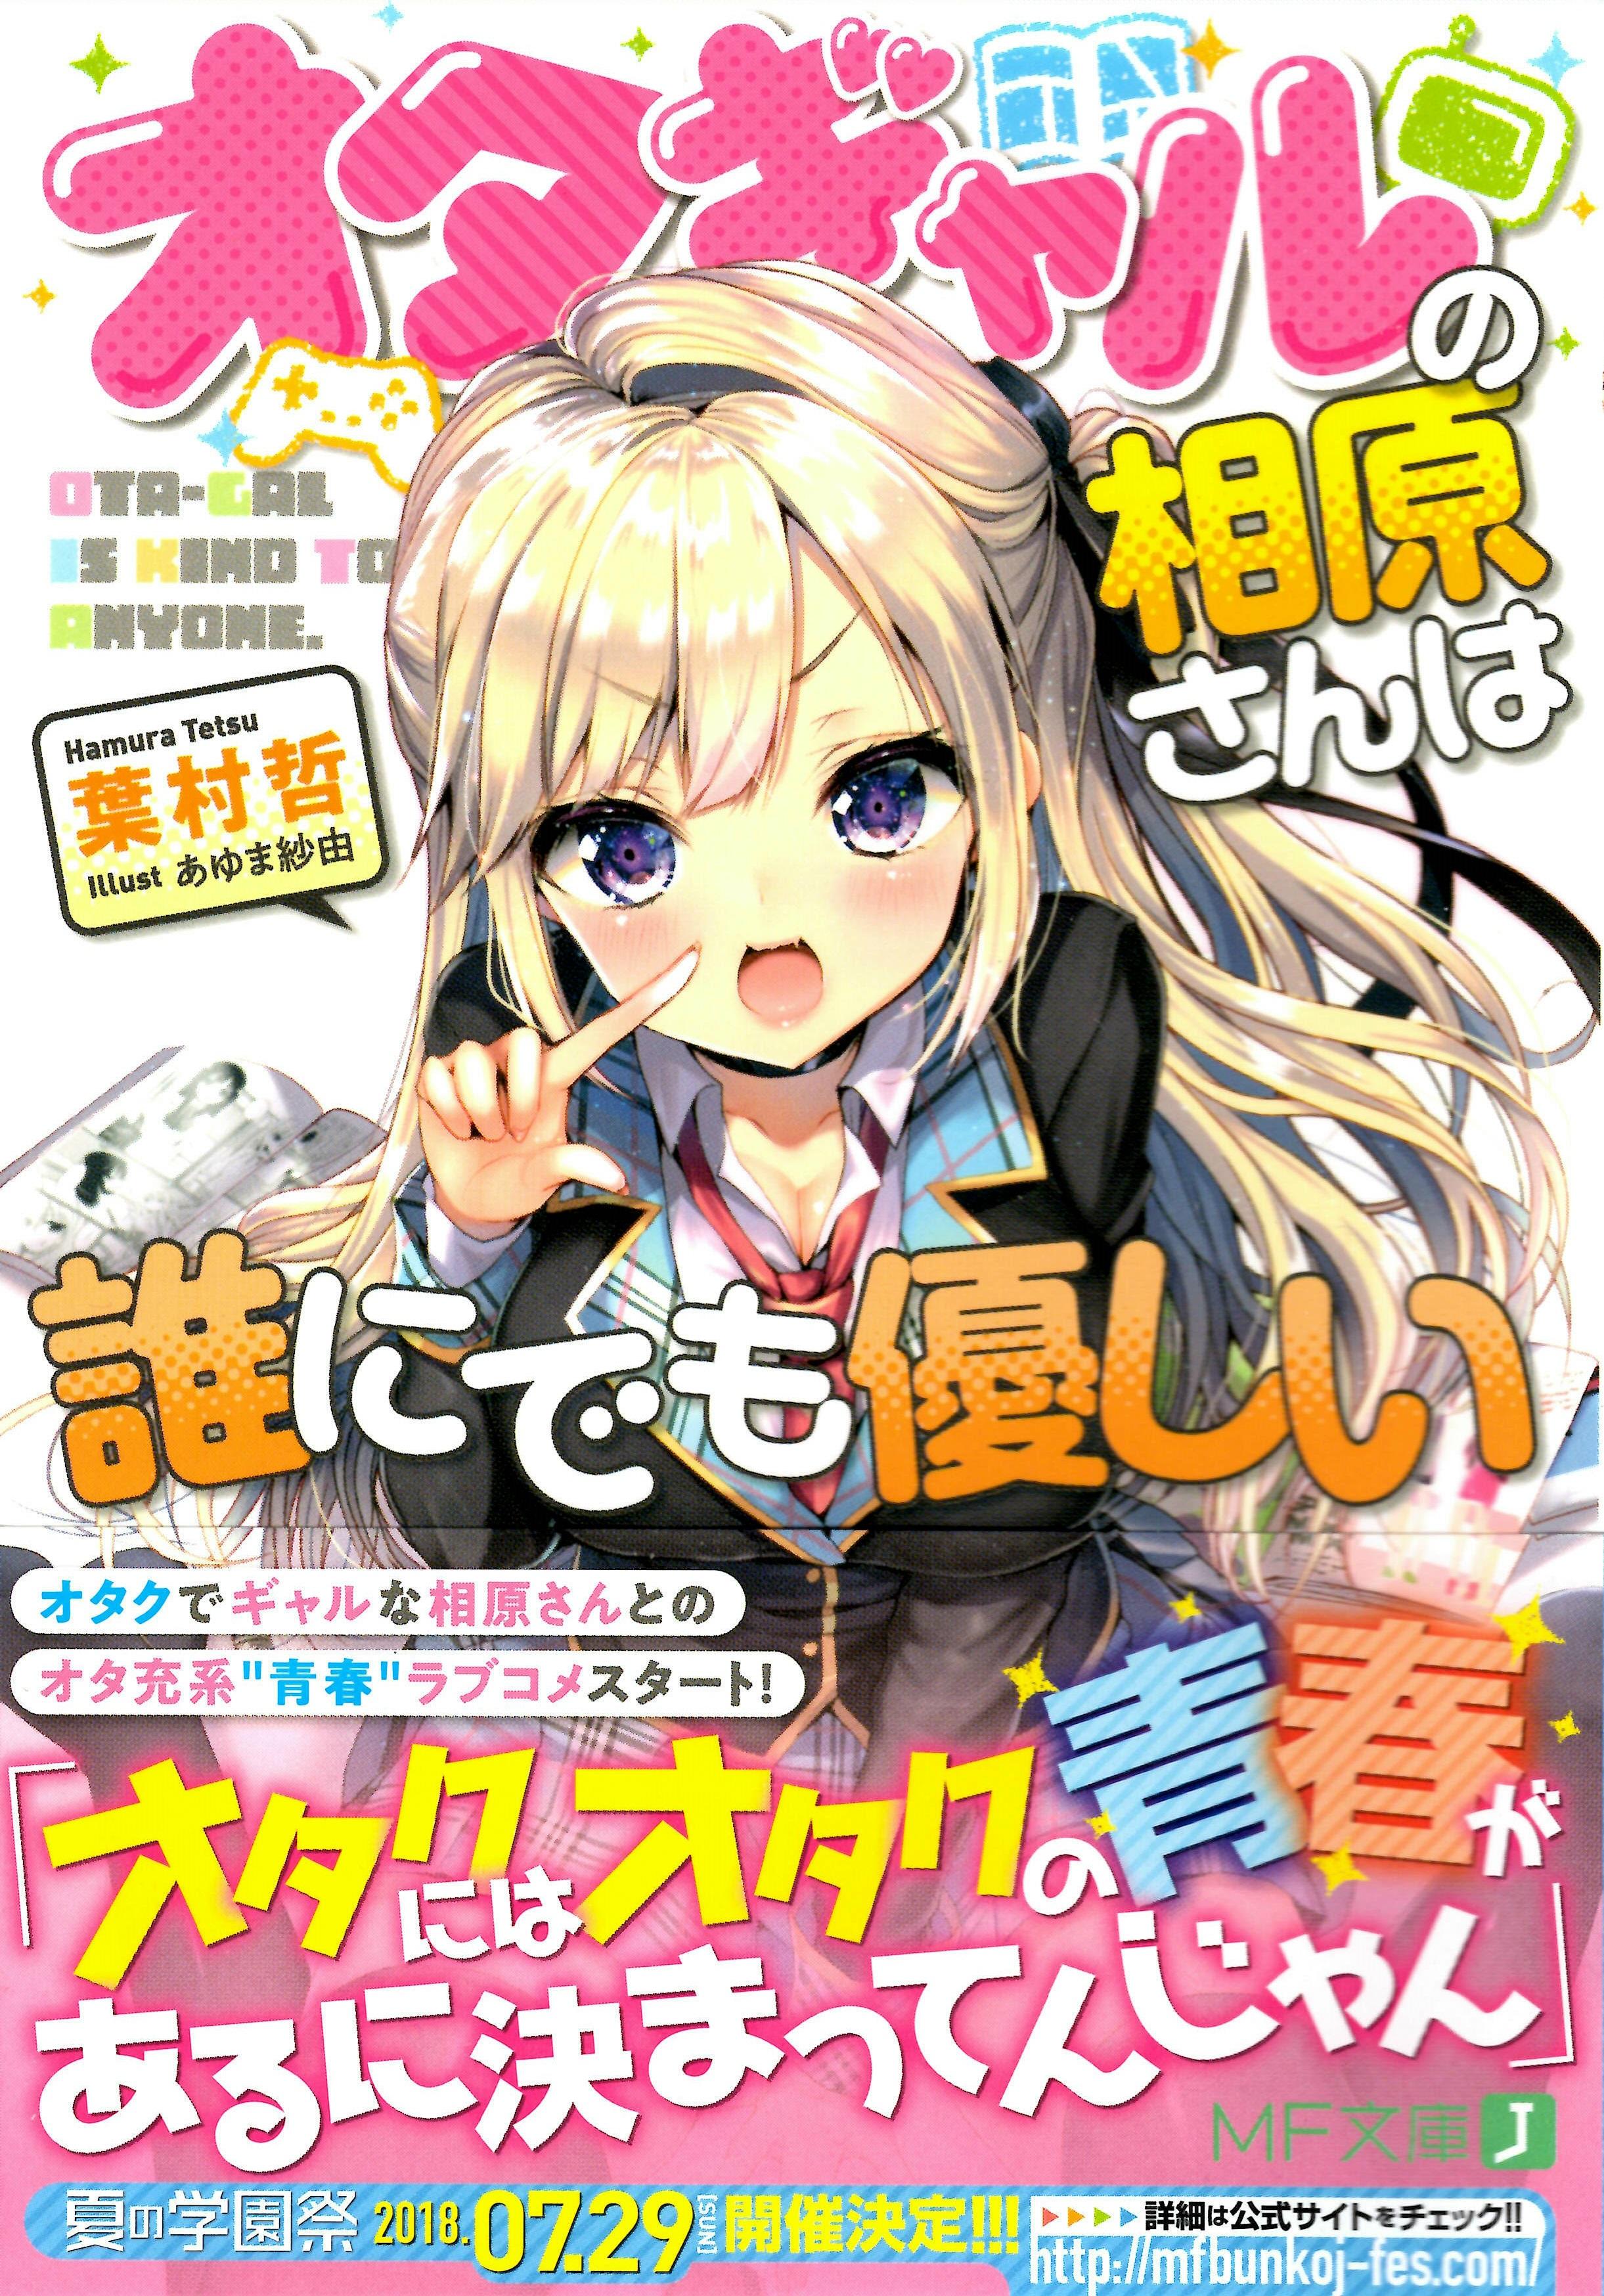 おすすめライトノベル紹介vol.28...